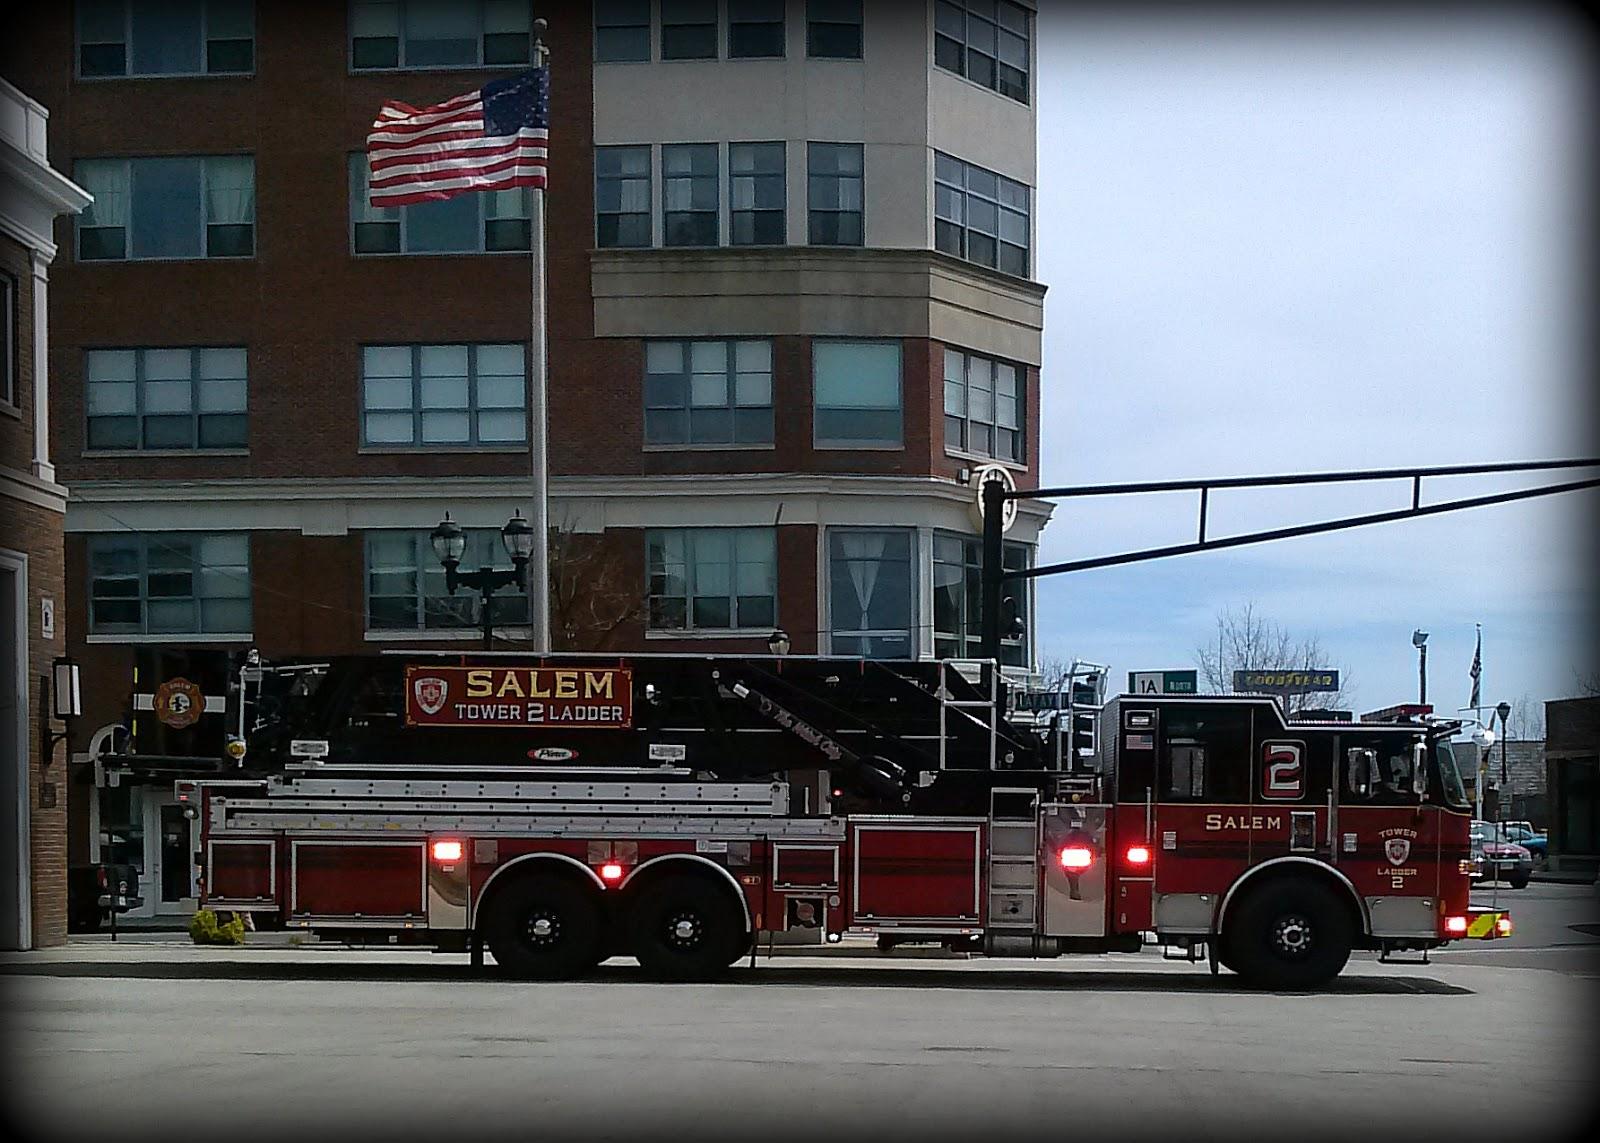 Salem Fire Dept. Ladder 2